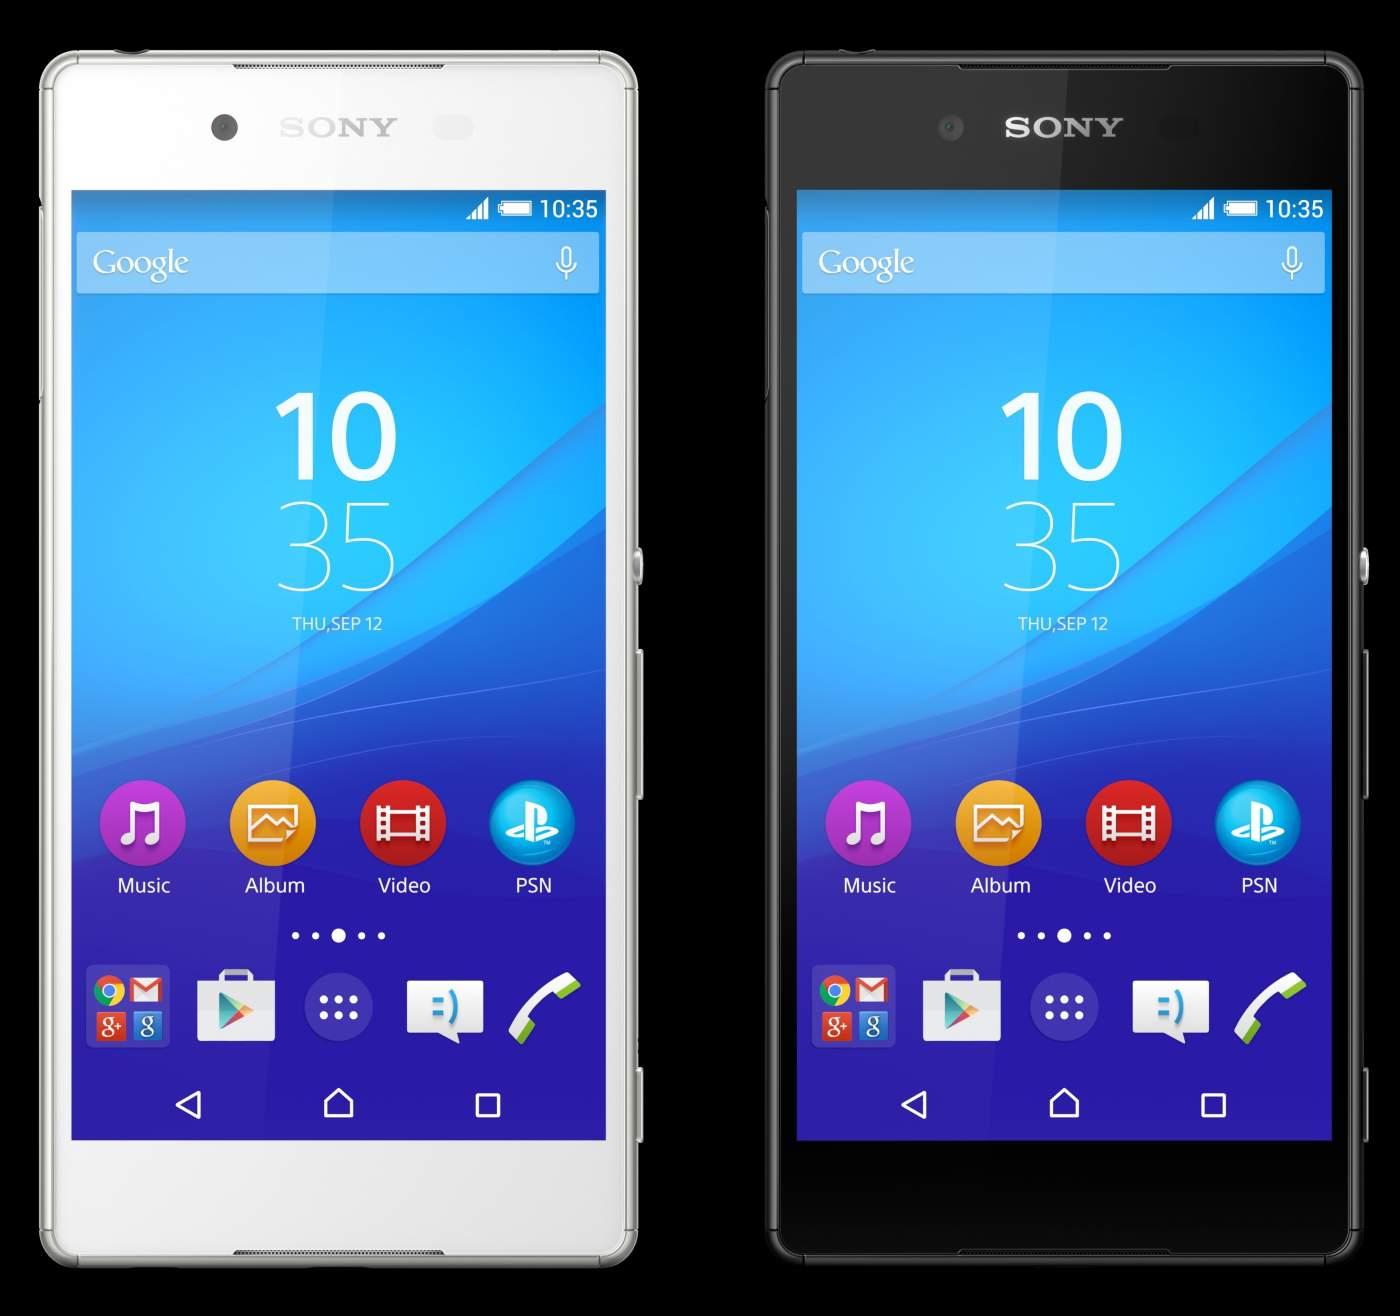 sony-xperia-z4-hd-image